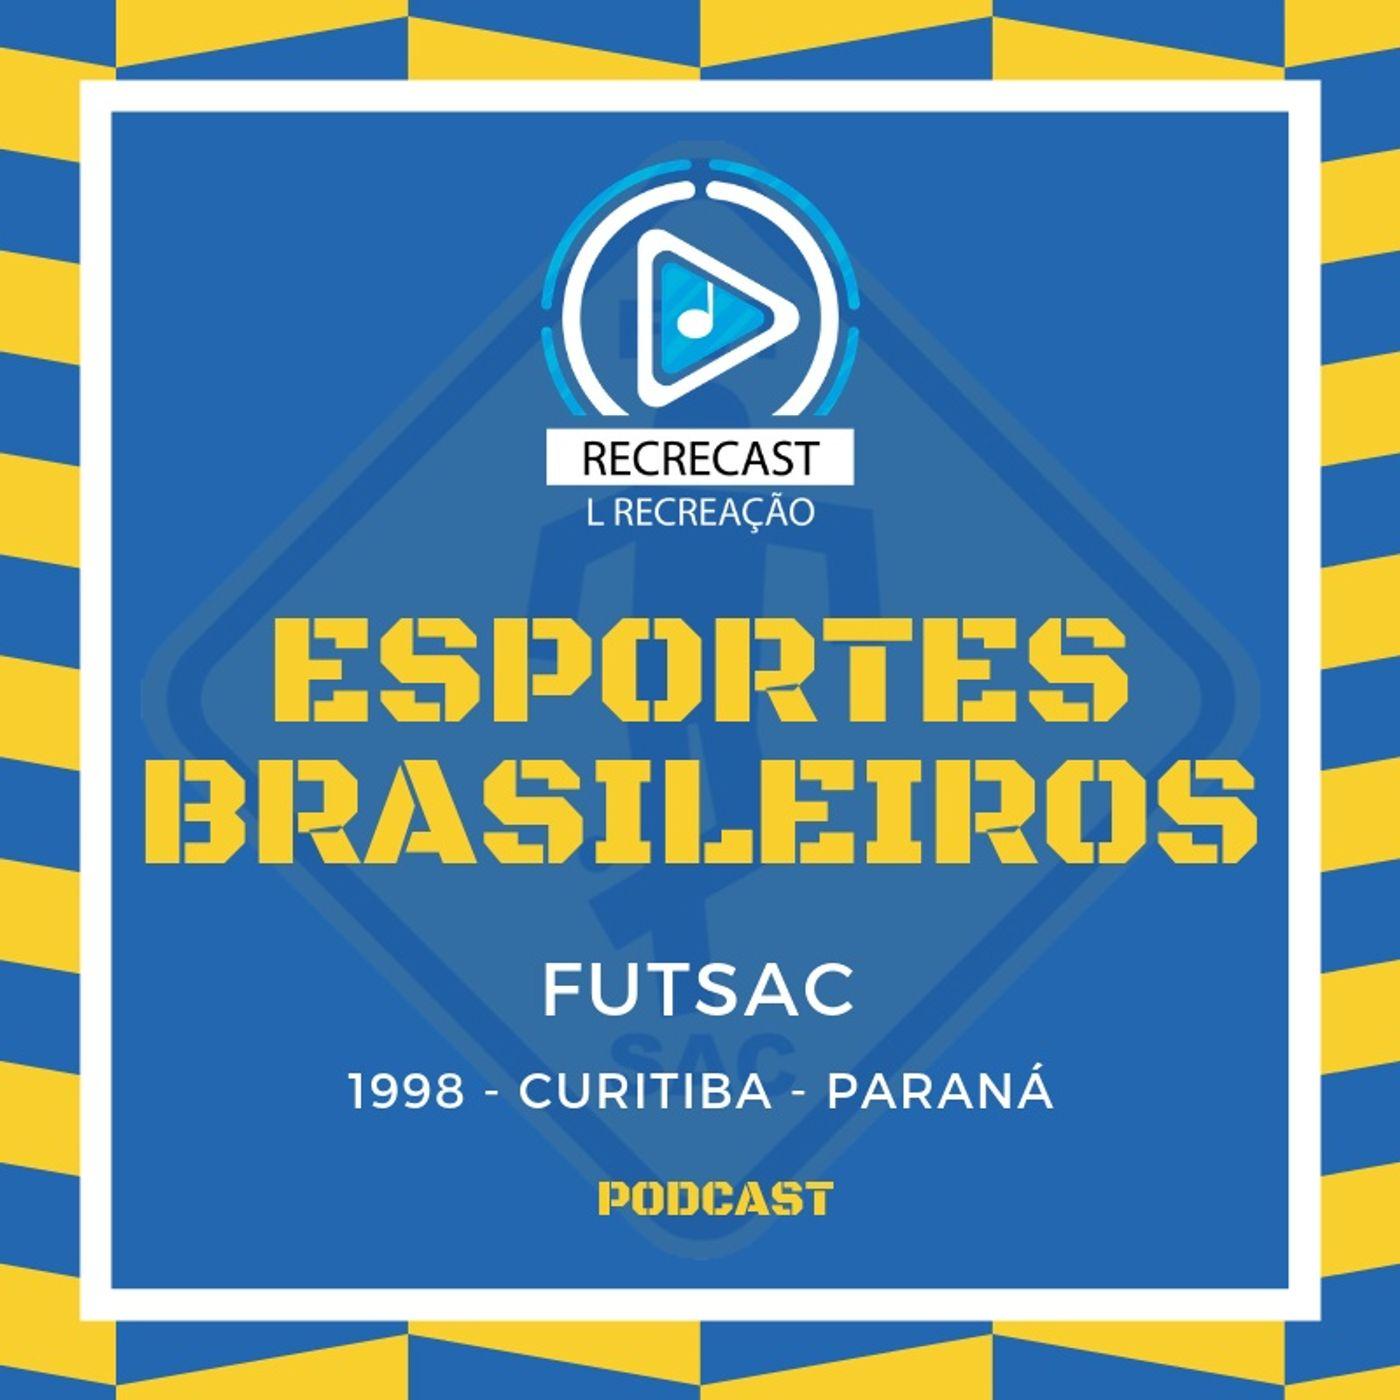 Futsac - Esportes Brasileiros